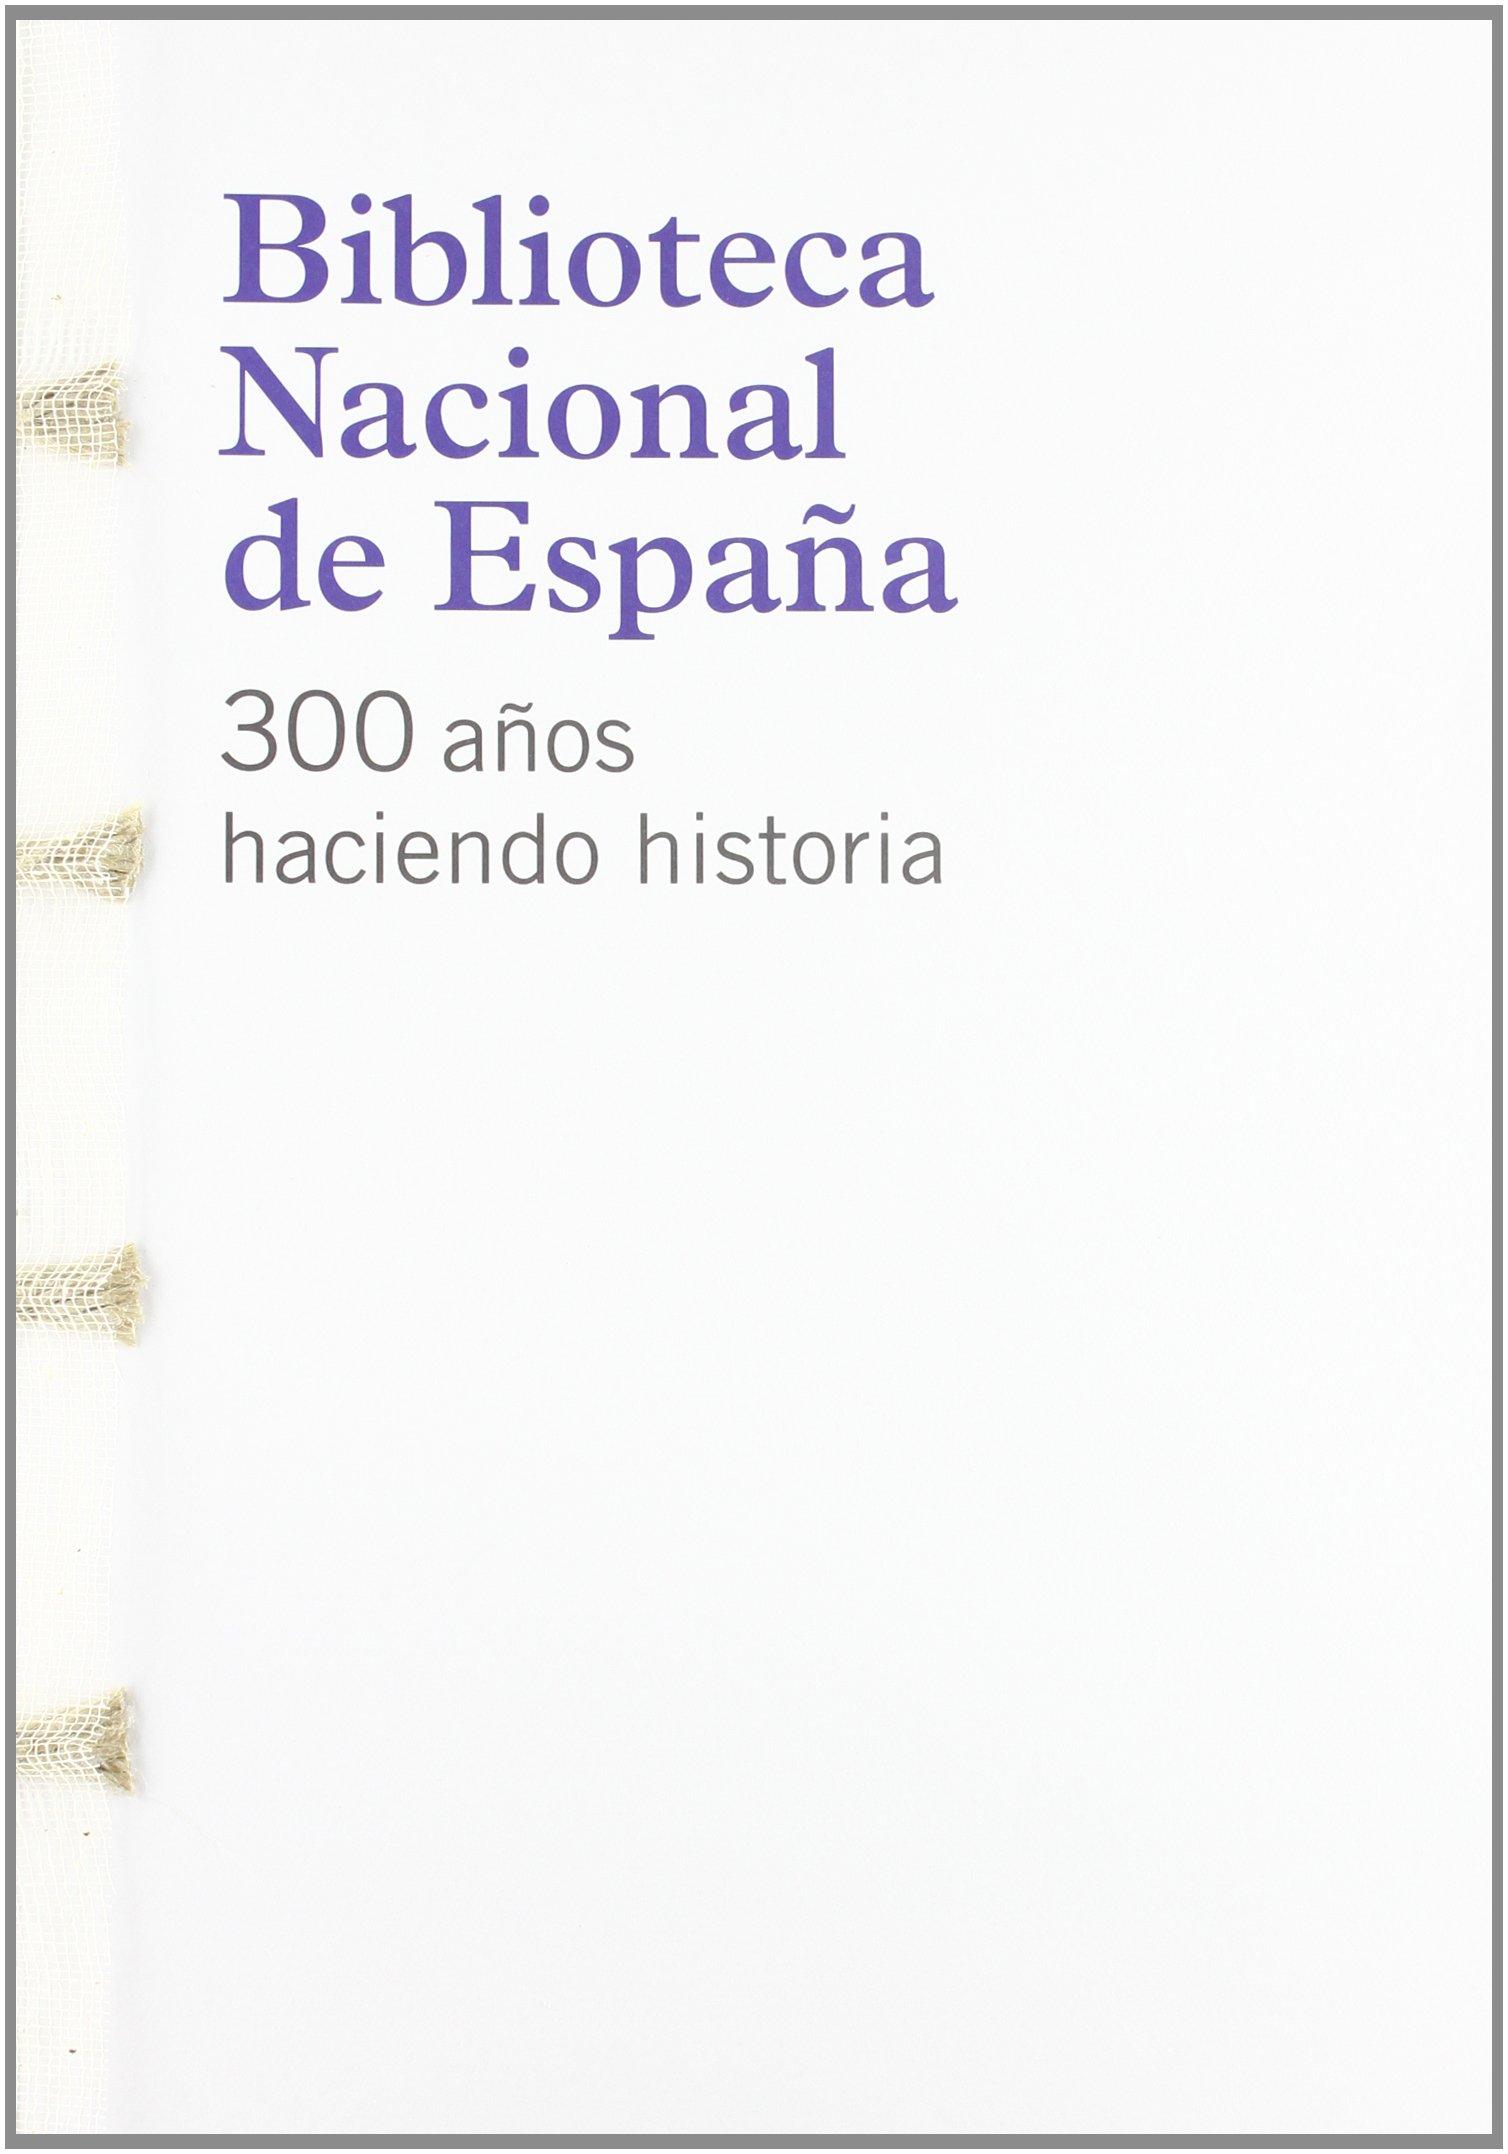 BIBLIOTECA NACIONAL DE ESPAÑA: Amazon.es: MESA SOBEJANO, RAQUELCOORD., LUCIA MEJIAS: Libros